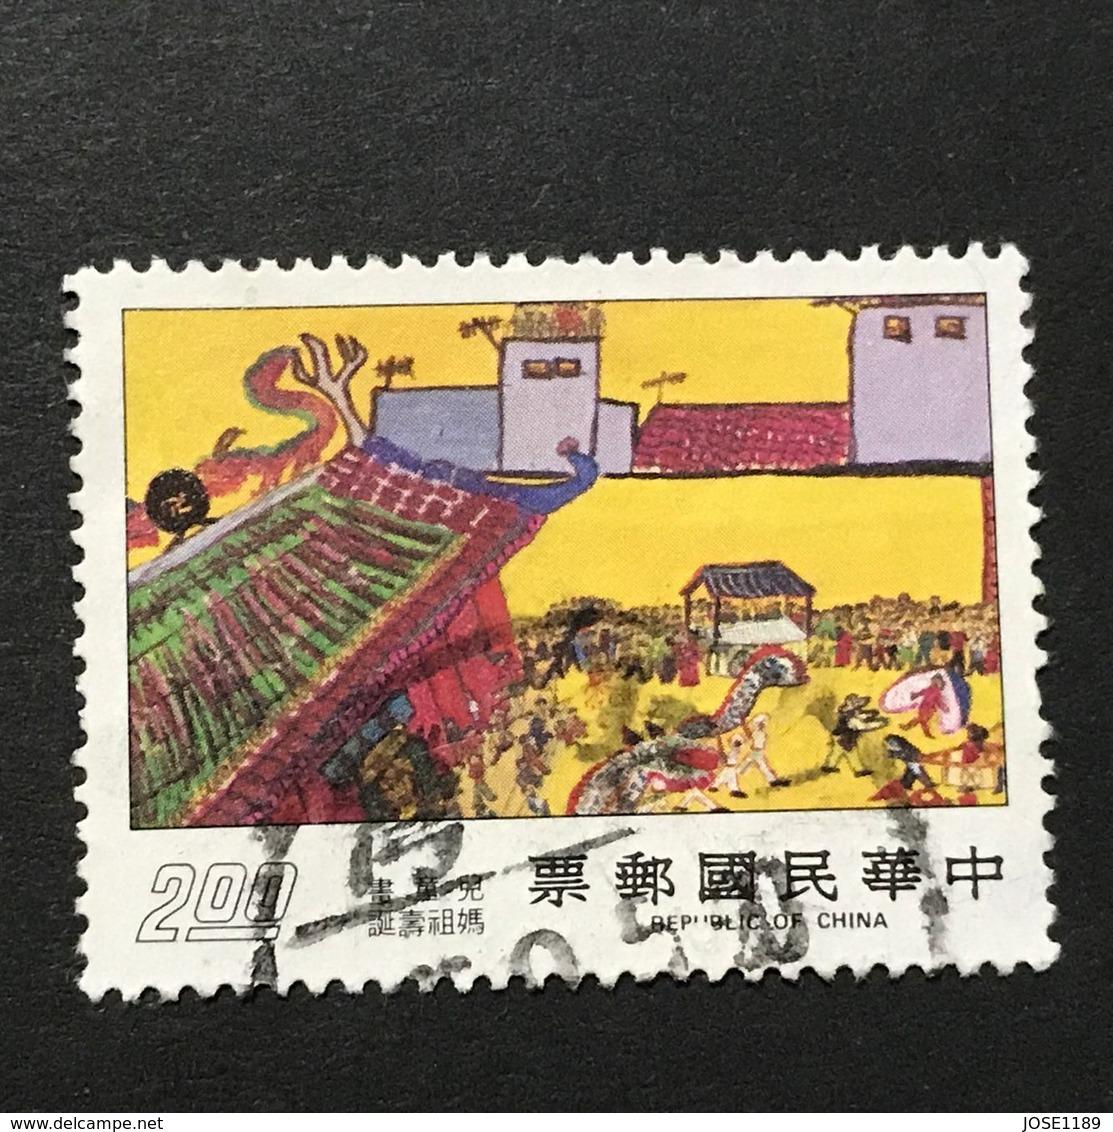 ◆◆◆Taiwán (Formosa)  1977  8th Exhib. Of World School Children's Art.     $2   USED   AA2335 - 1945-... Repubblica Di Cina